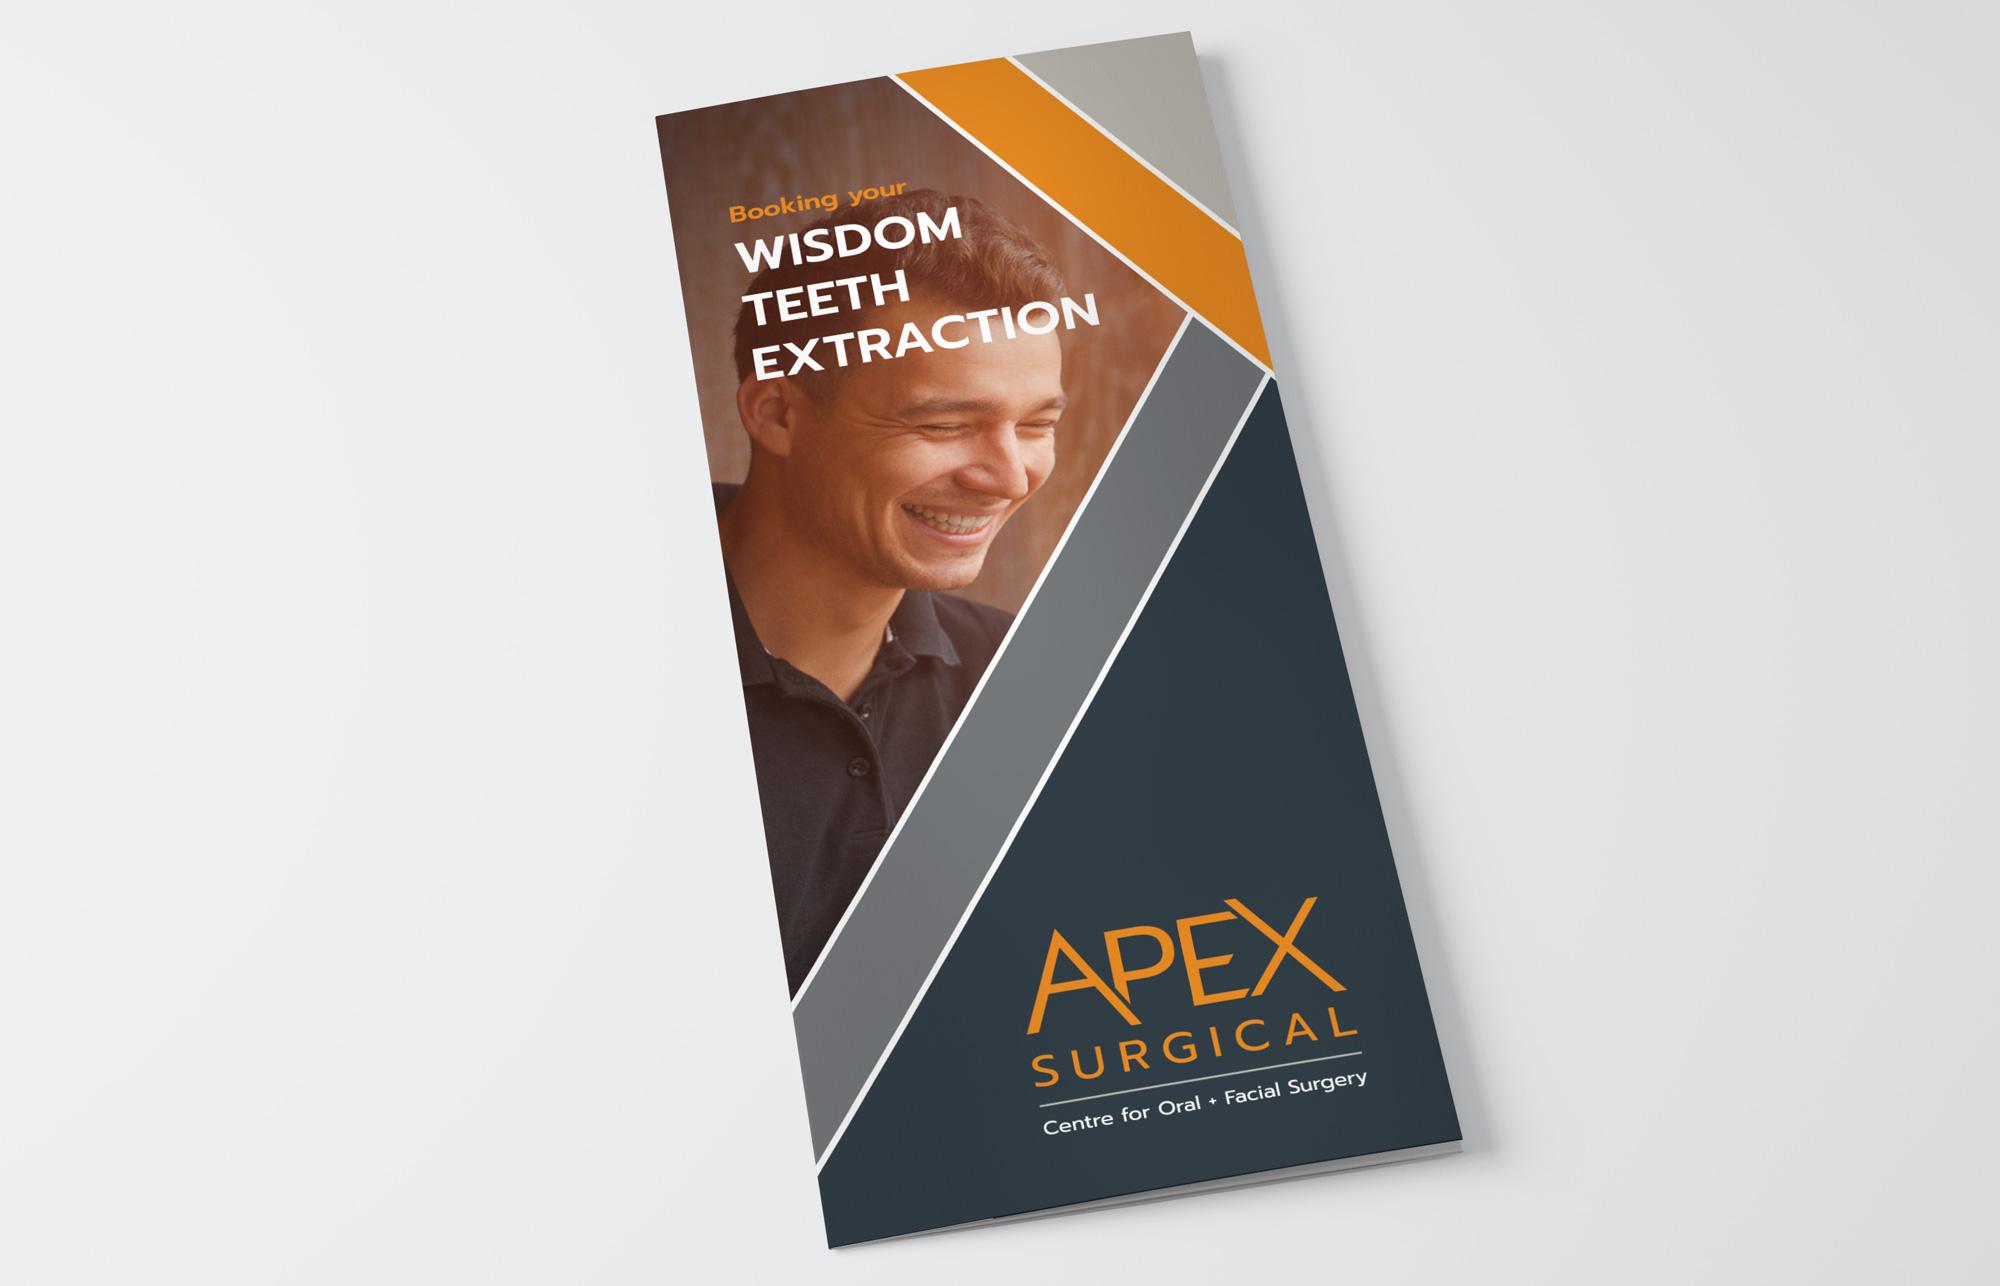 apexsurgical_brochurefront_mockup